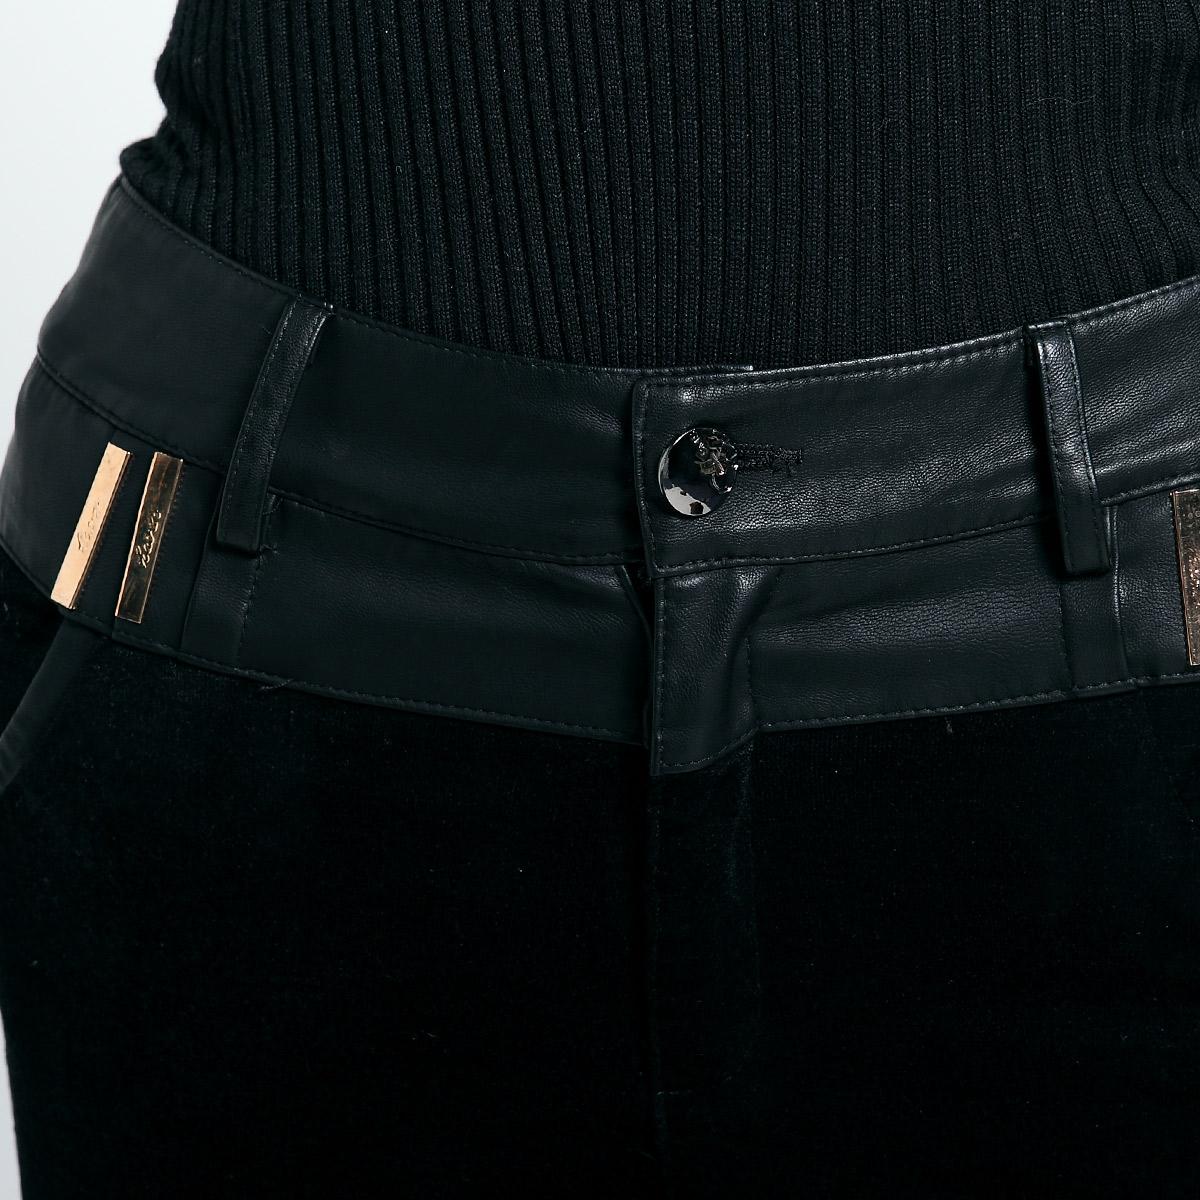 Женские брюки Xinsheng sml1067 Длинные брюки Прямые Casual Осень 2012 Другое Коллаж